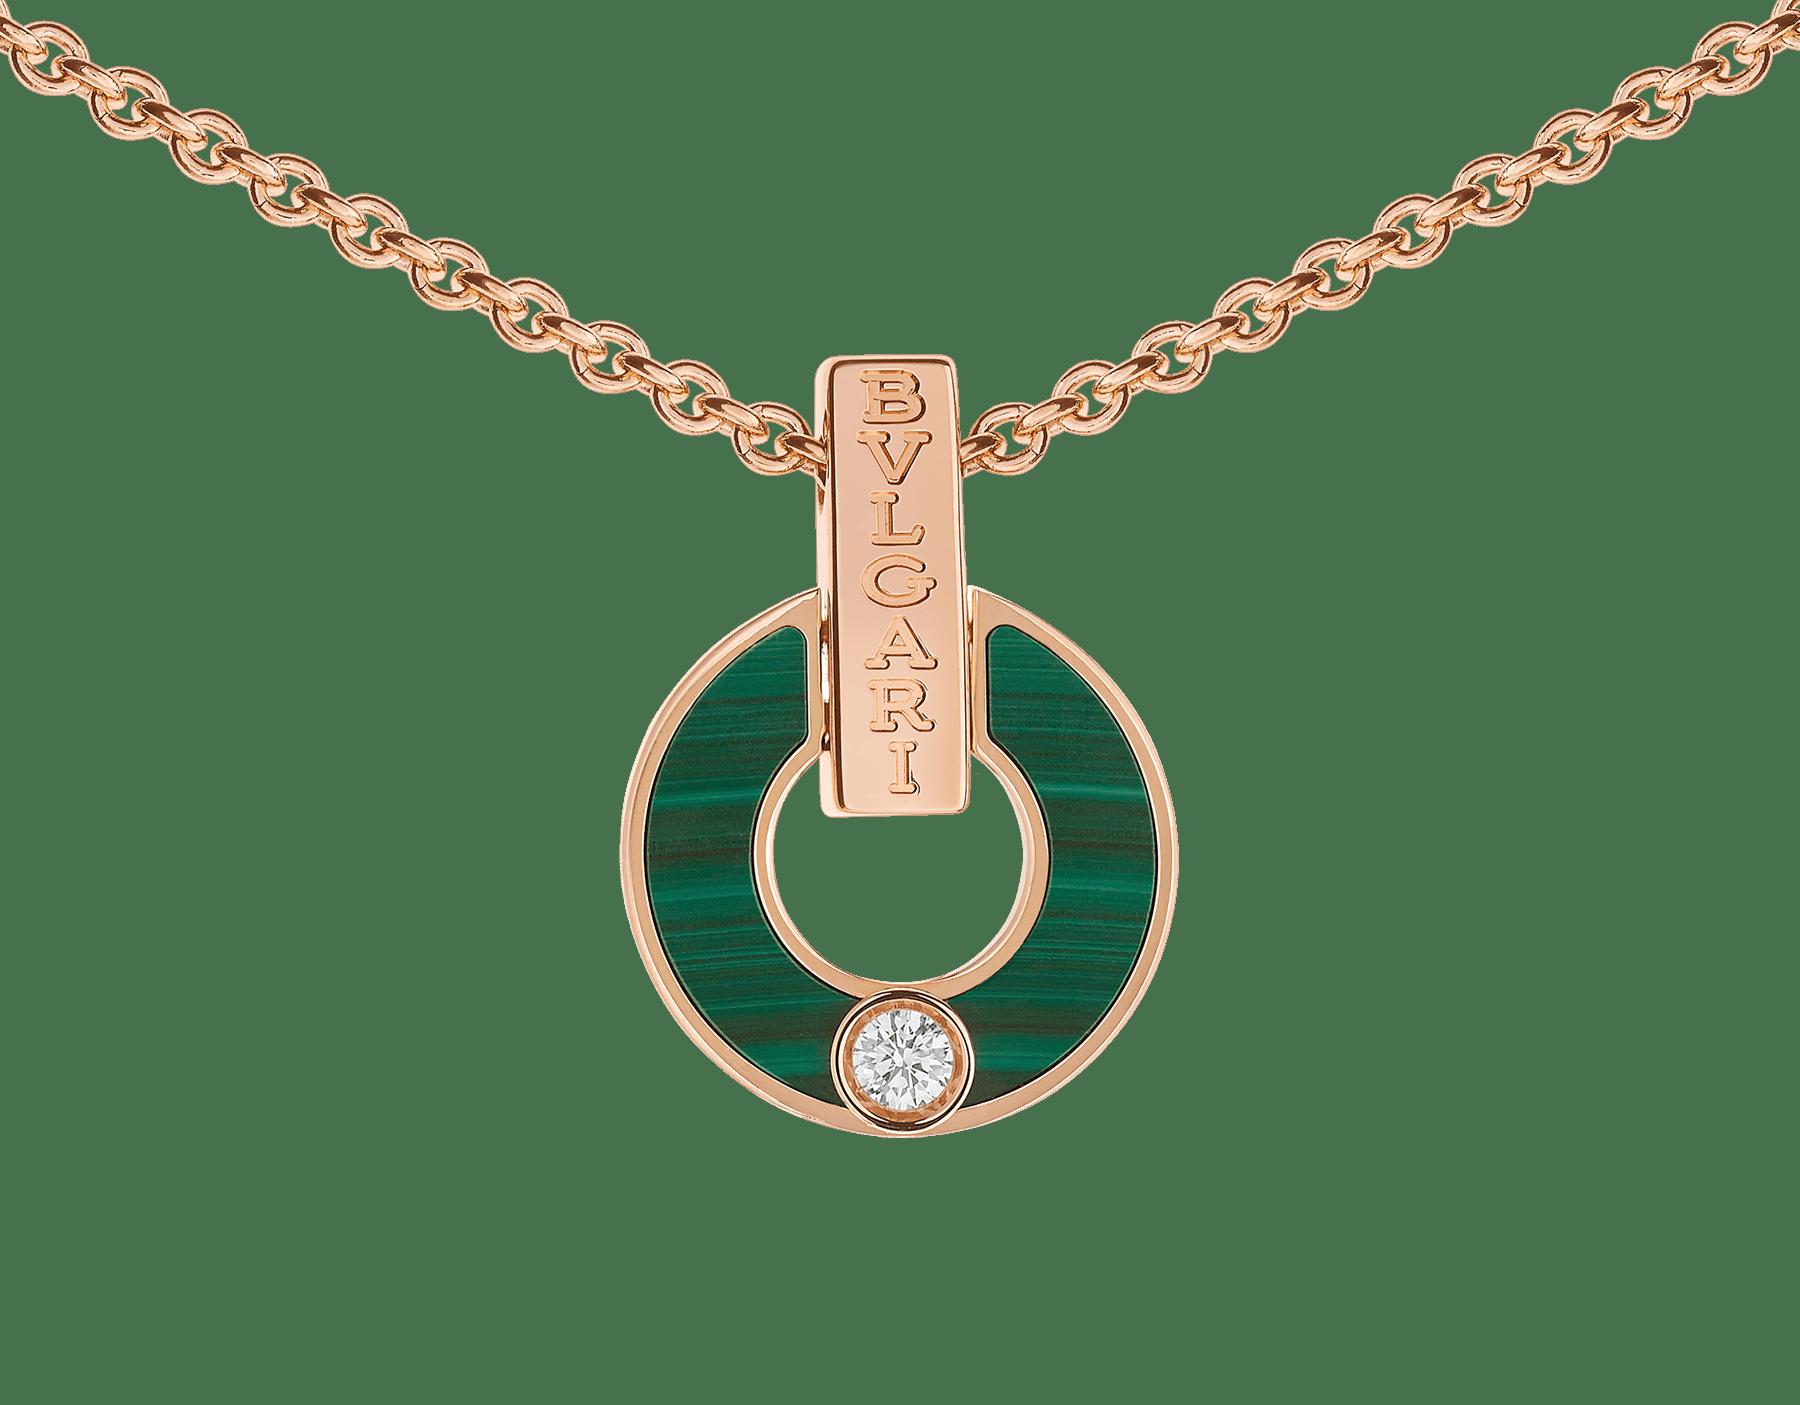 Skelettierte BVLGARI BVLGARI Halskette aus 18 Karat Roségold mit Malachit-Elementen und einem runden Diamanten im Brillantschliff 357313 image 3